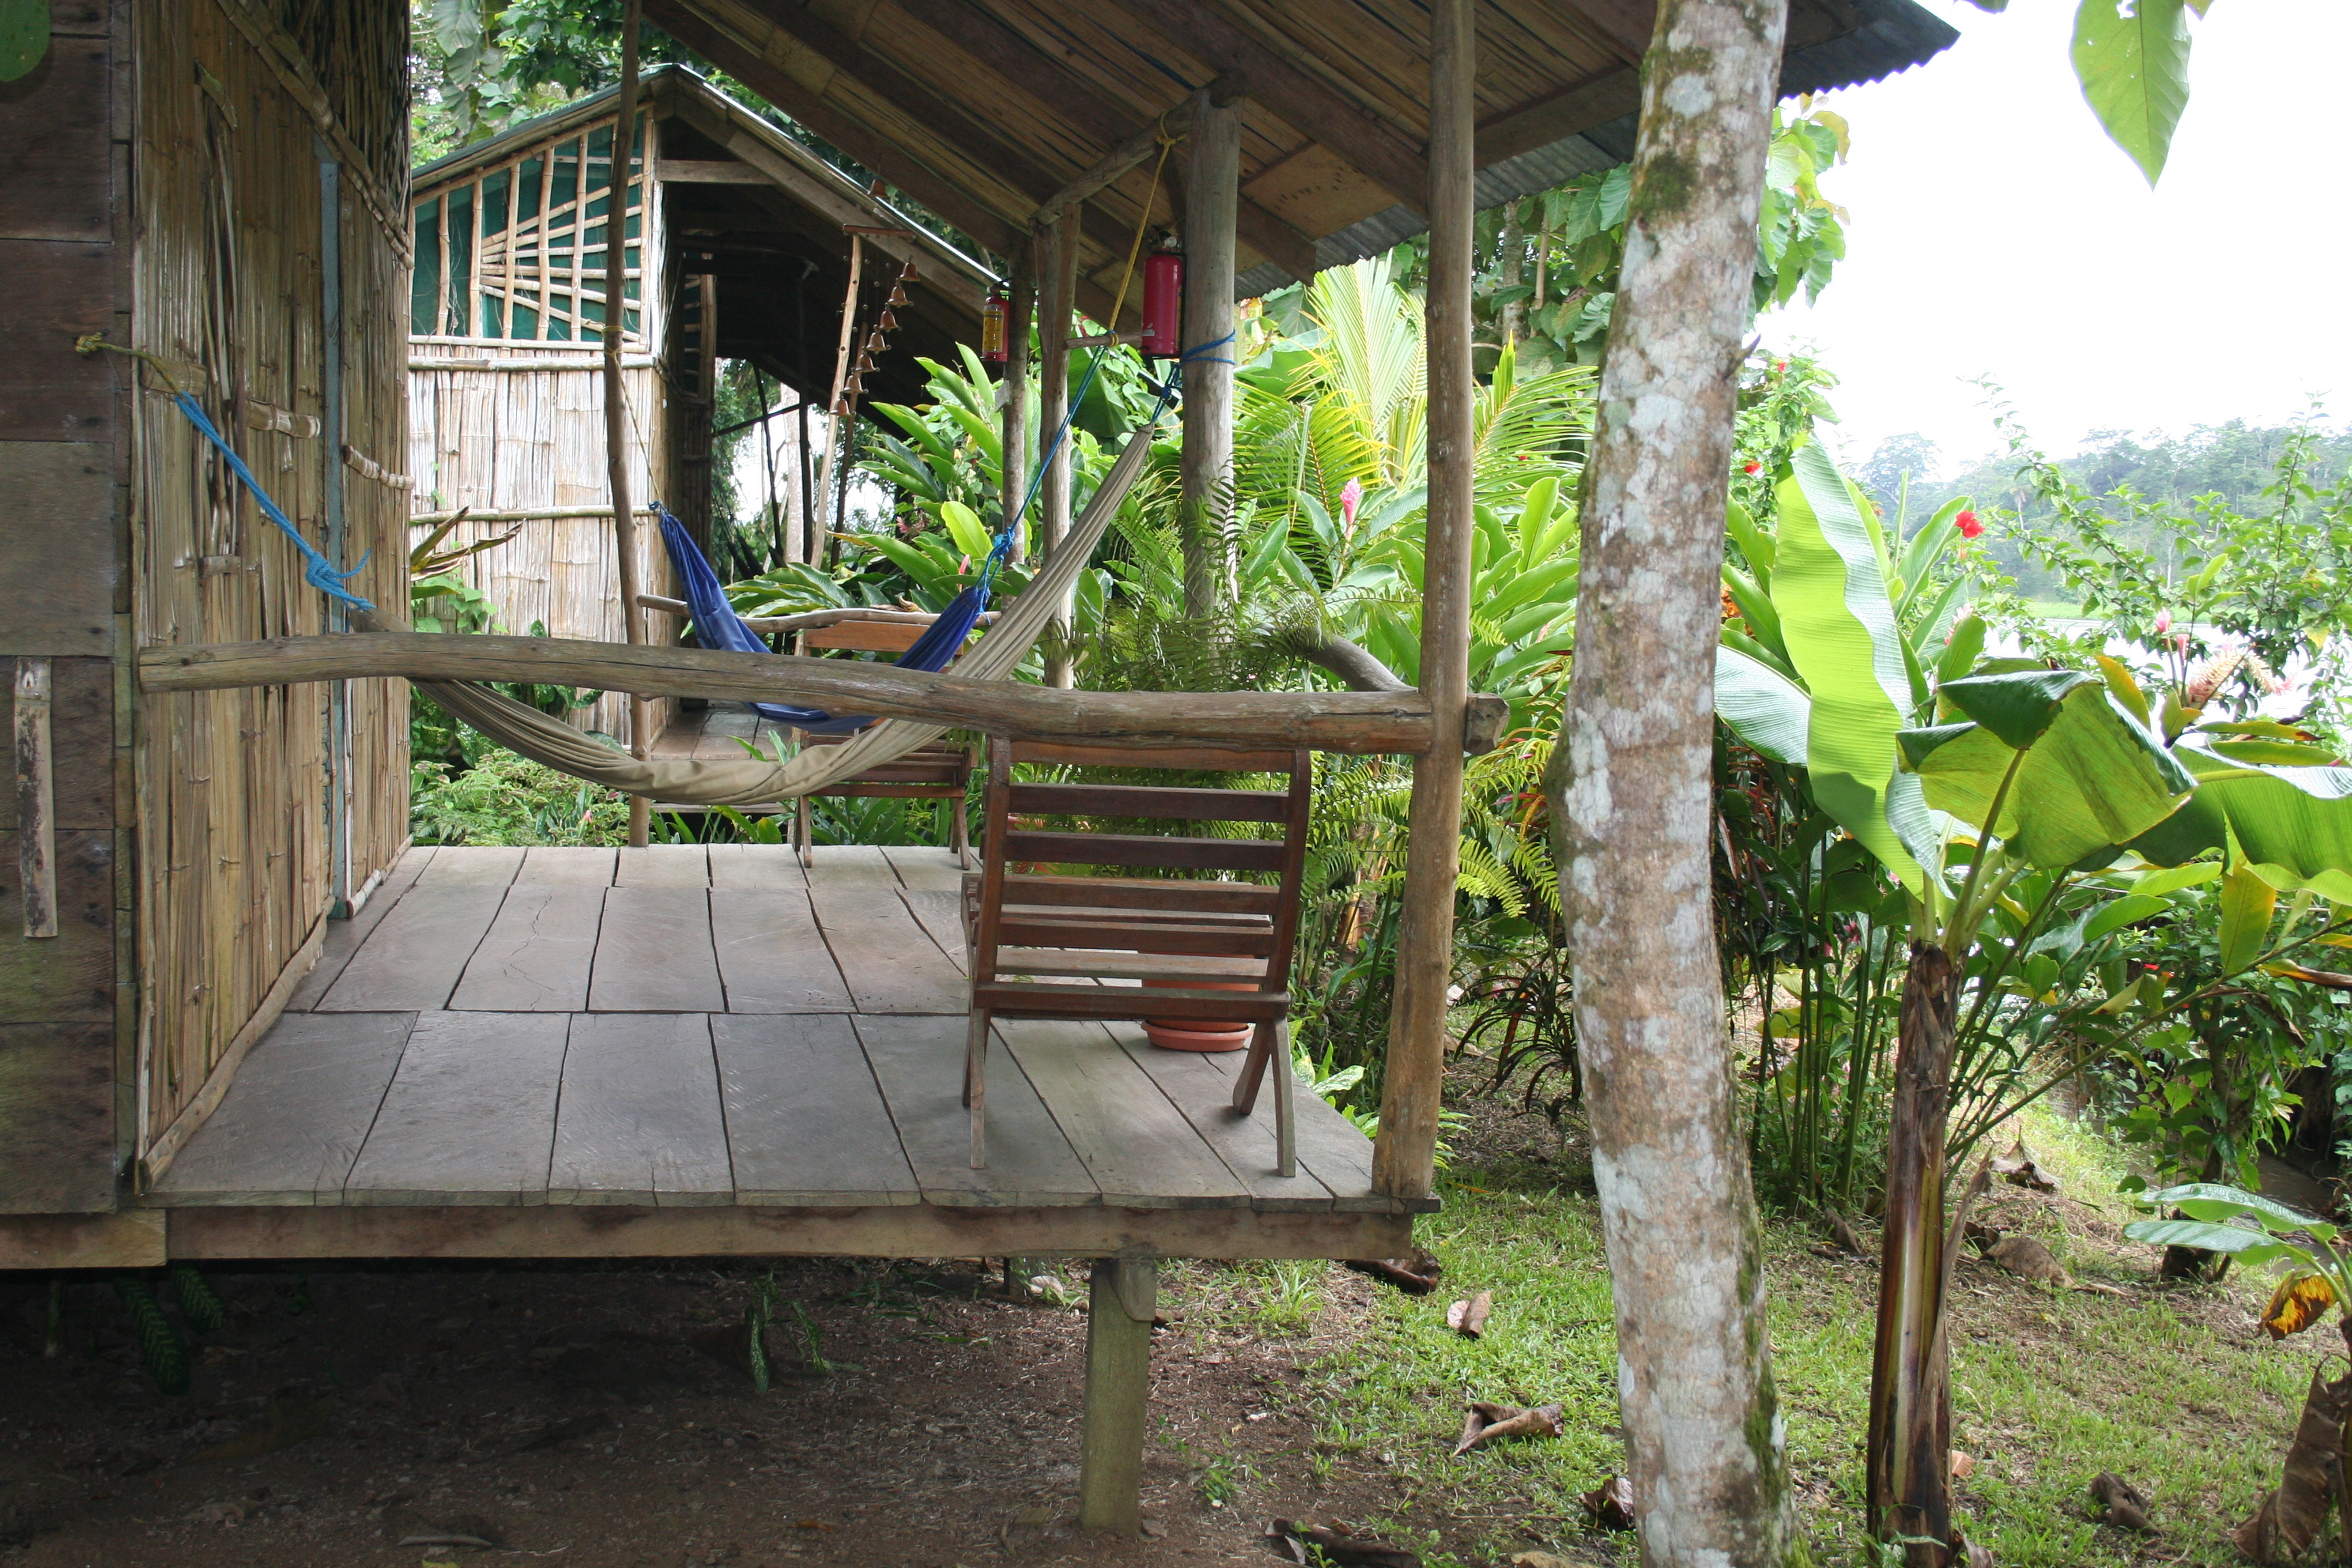 Lodge in Nicaragua, near River San Juan